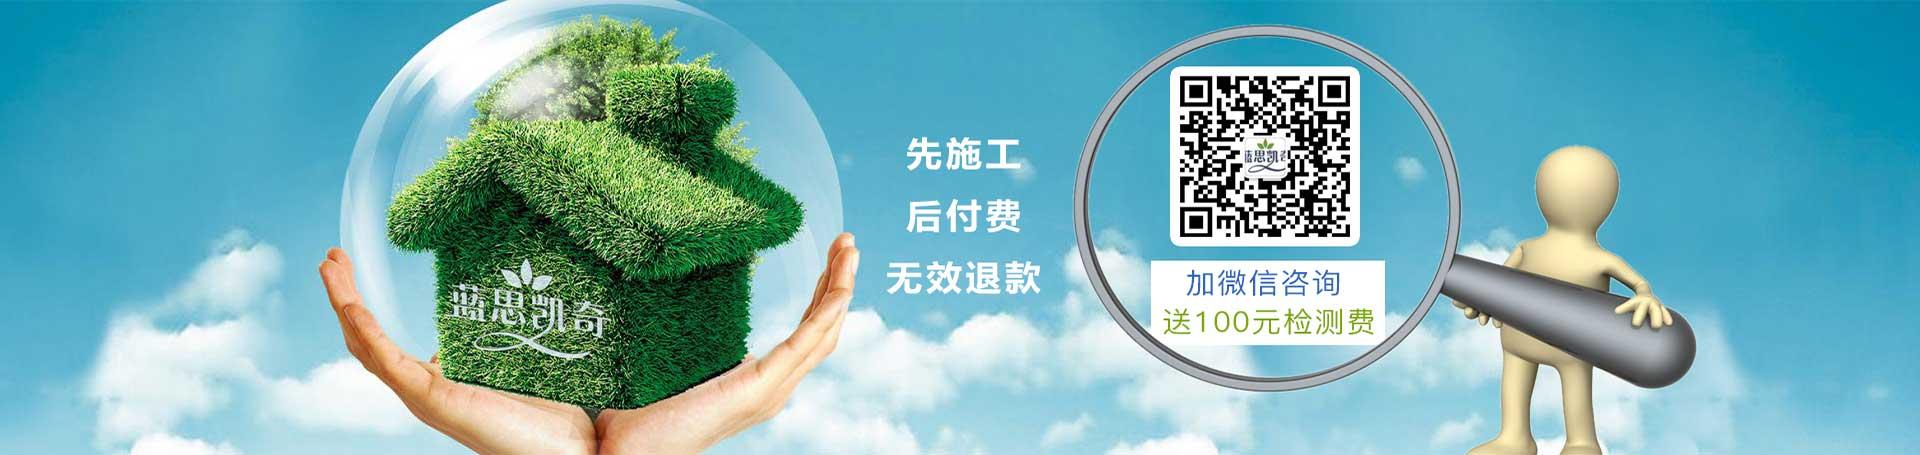 武汉除甲醛专业公司专注甲醛治理施工10年